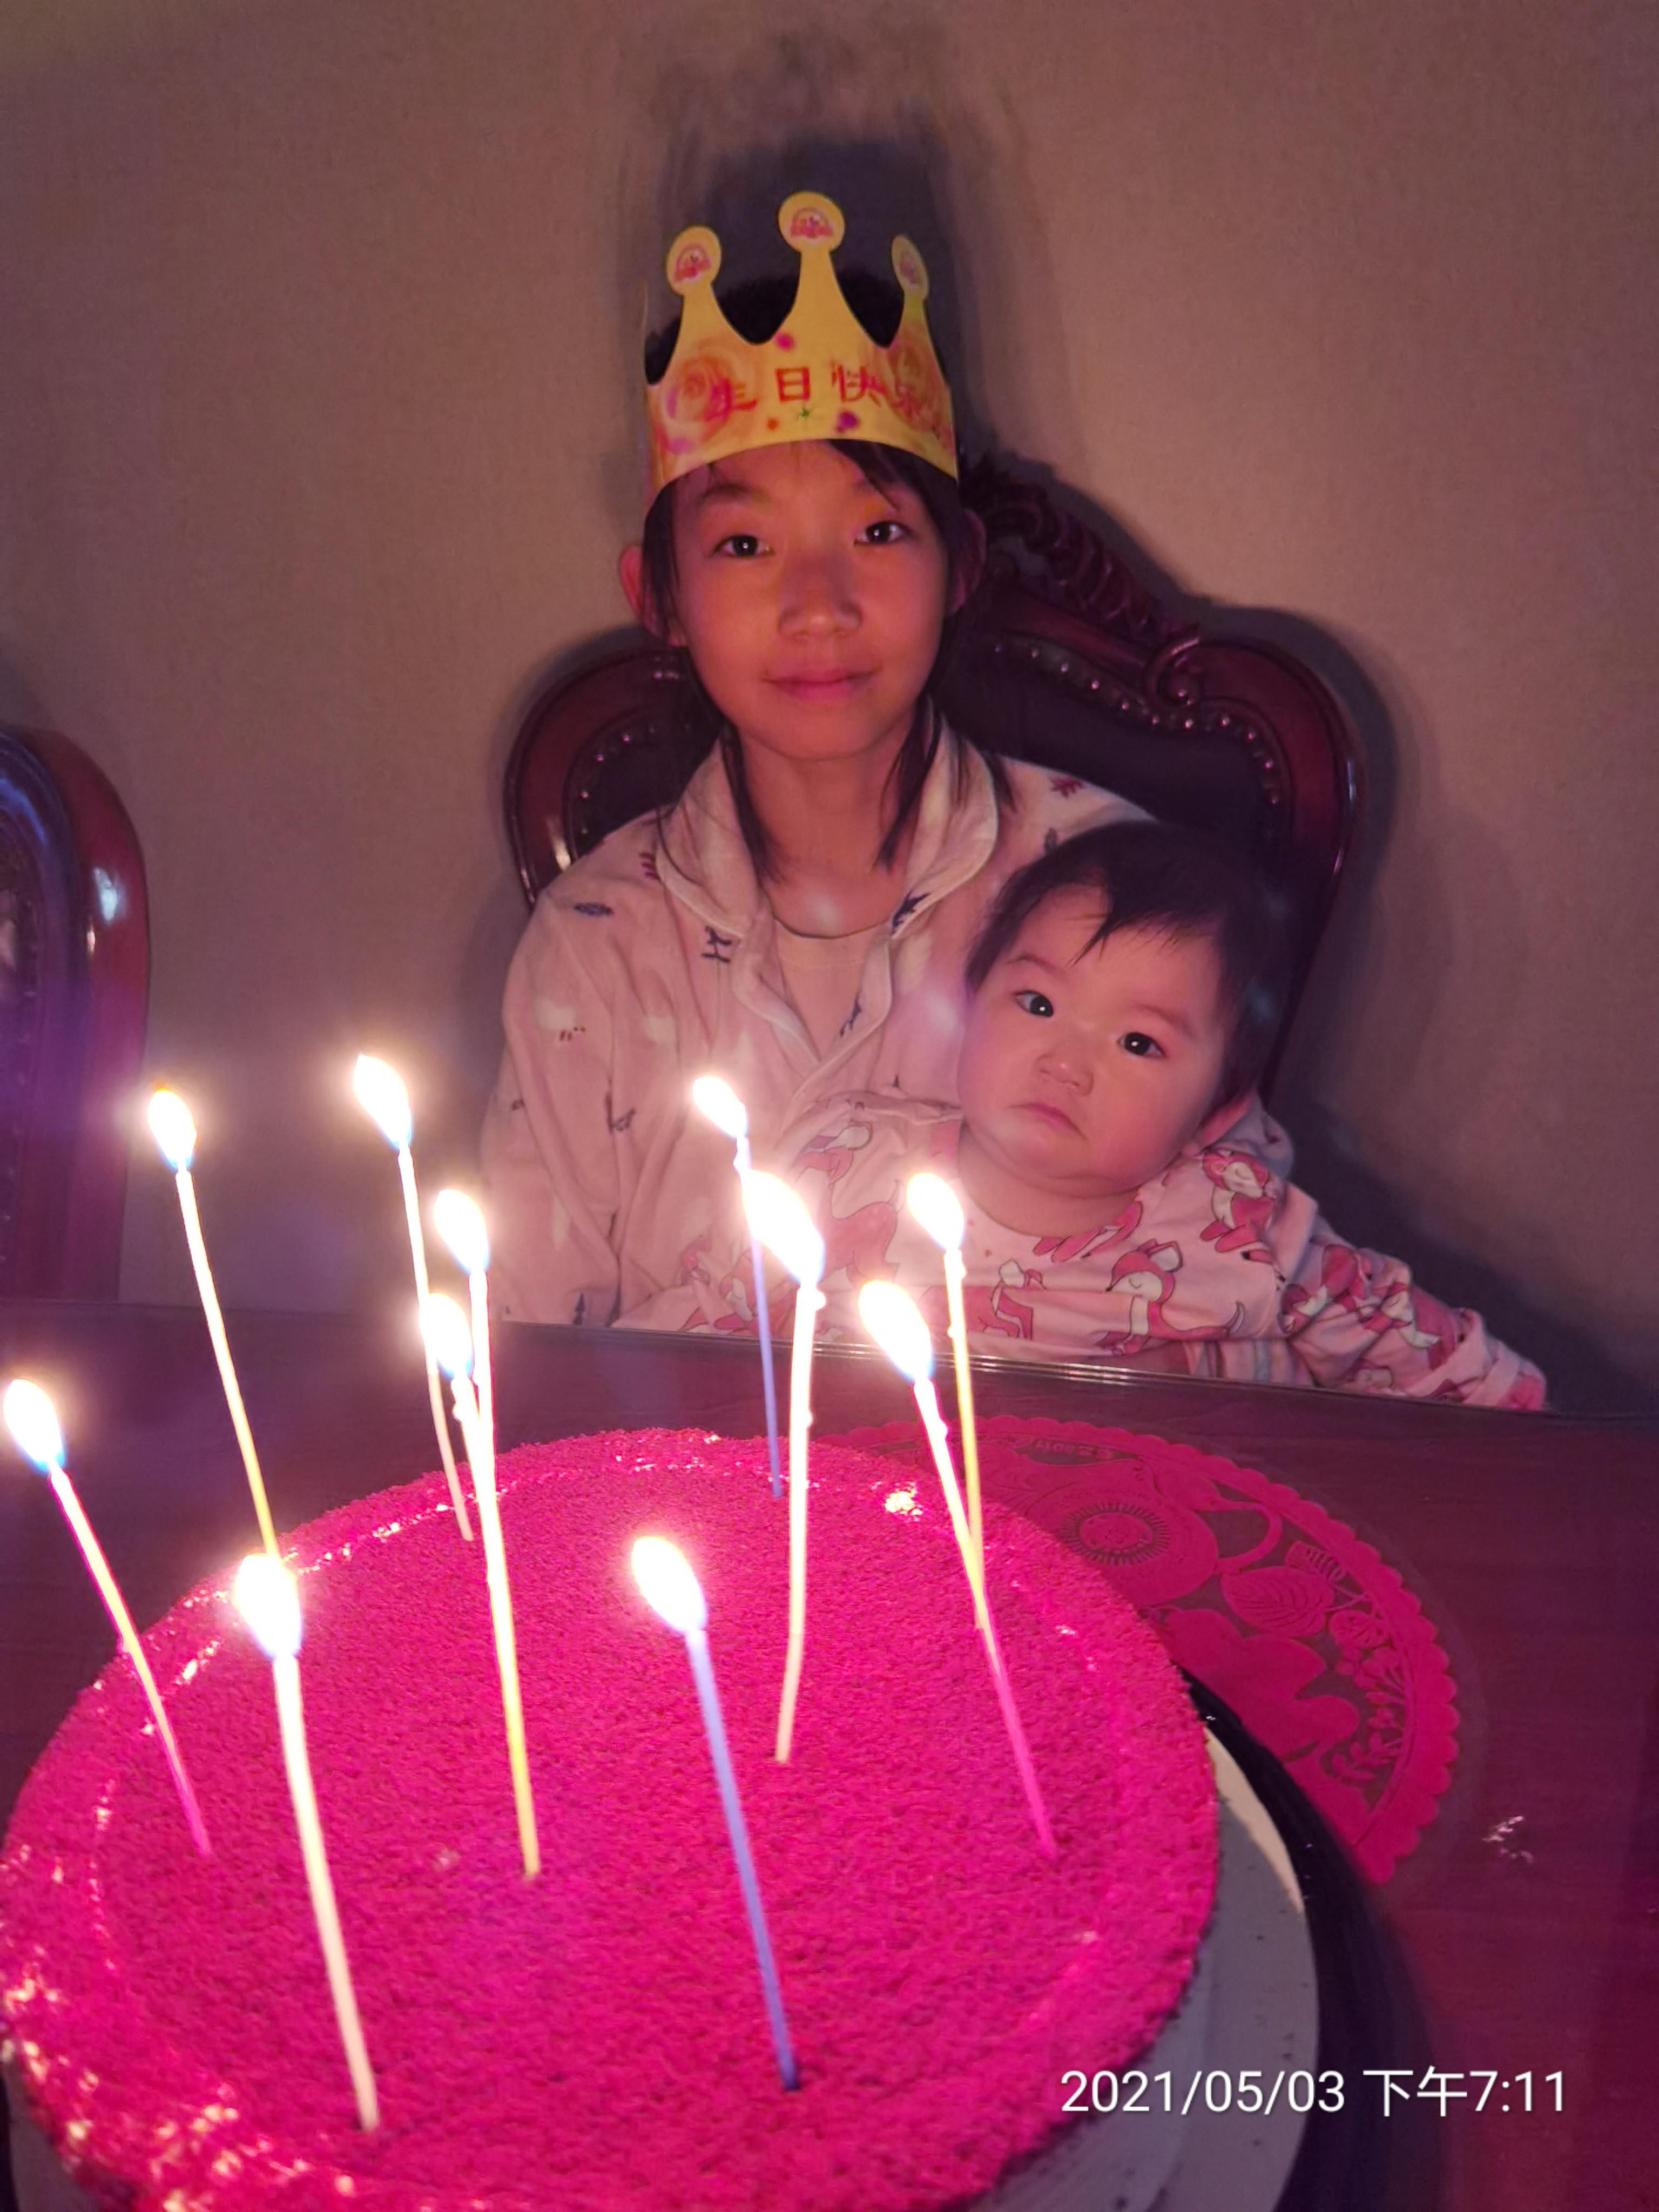 妹妹陪我过生日